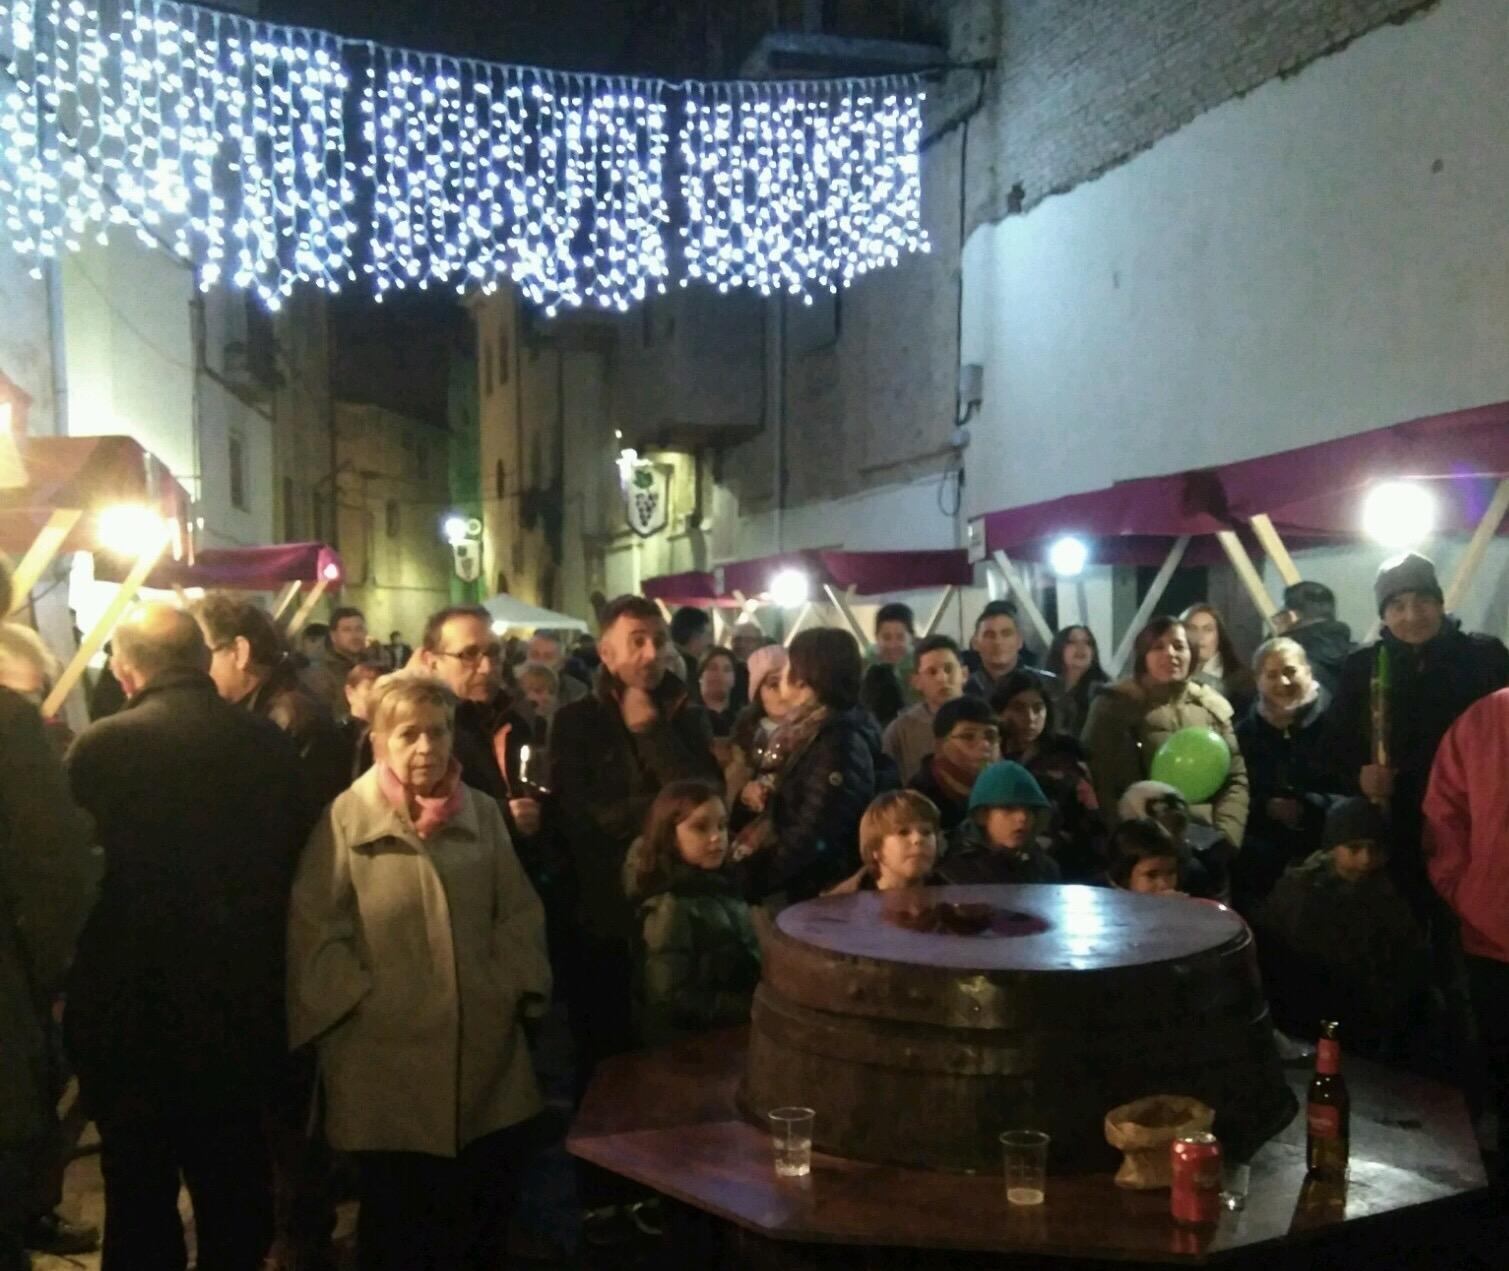 Els dies 8 i 9 de desembre, el nucli antic de Tivissa acollirà la VI edició de la Fira de Nadal